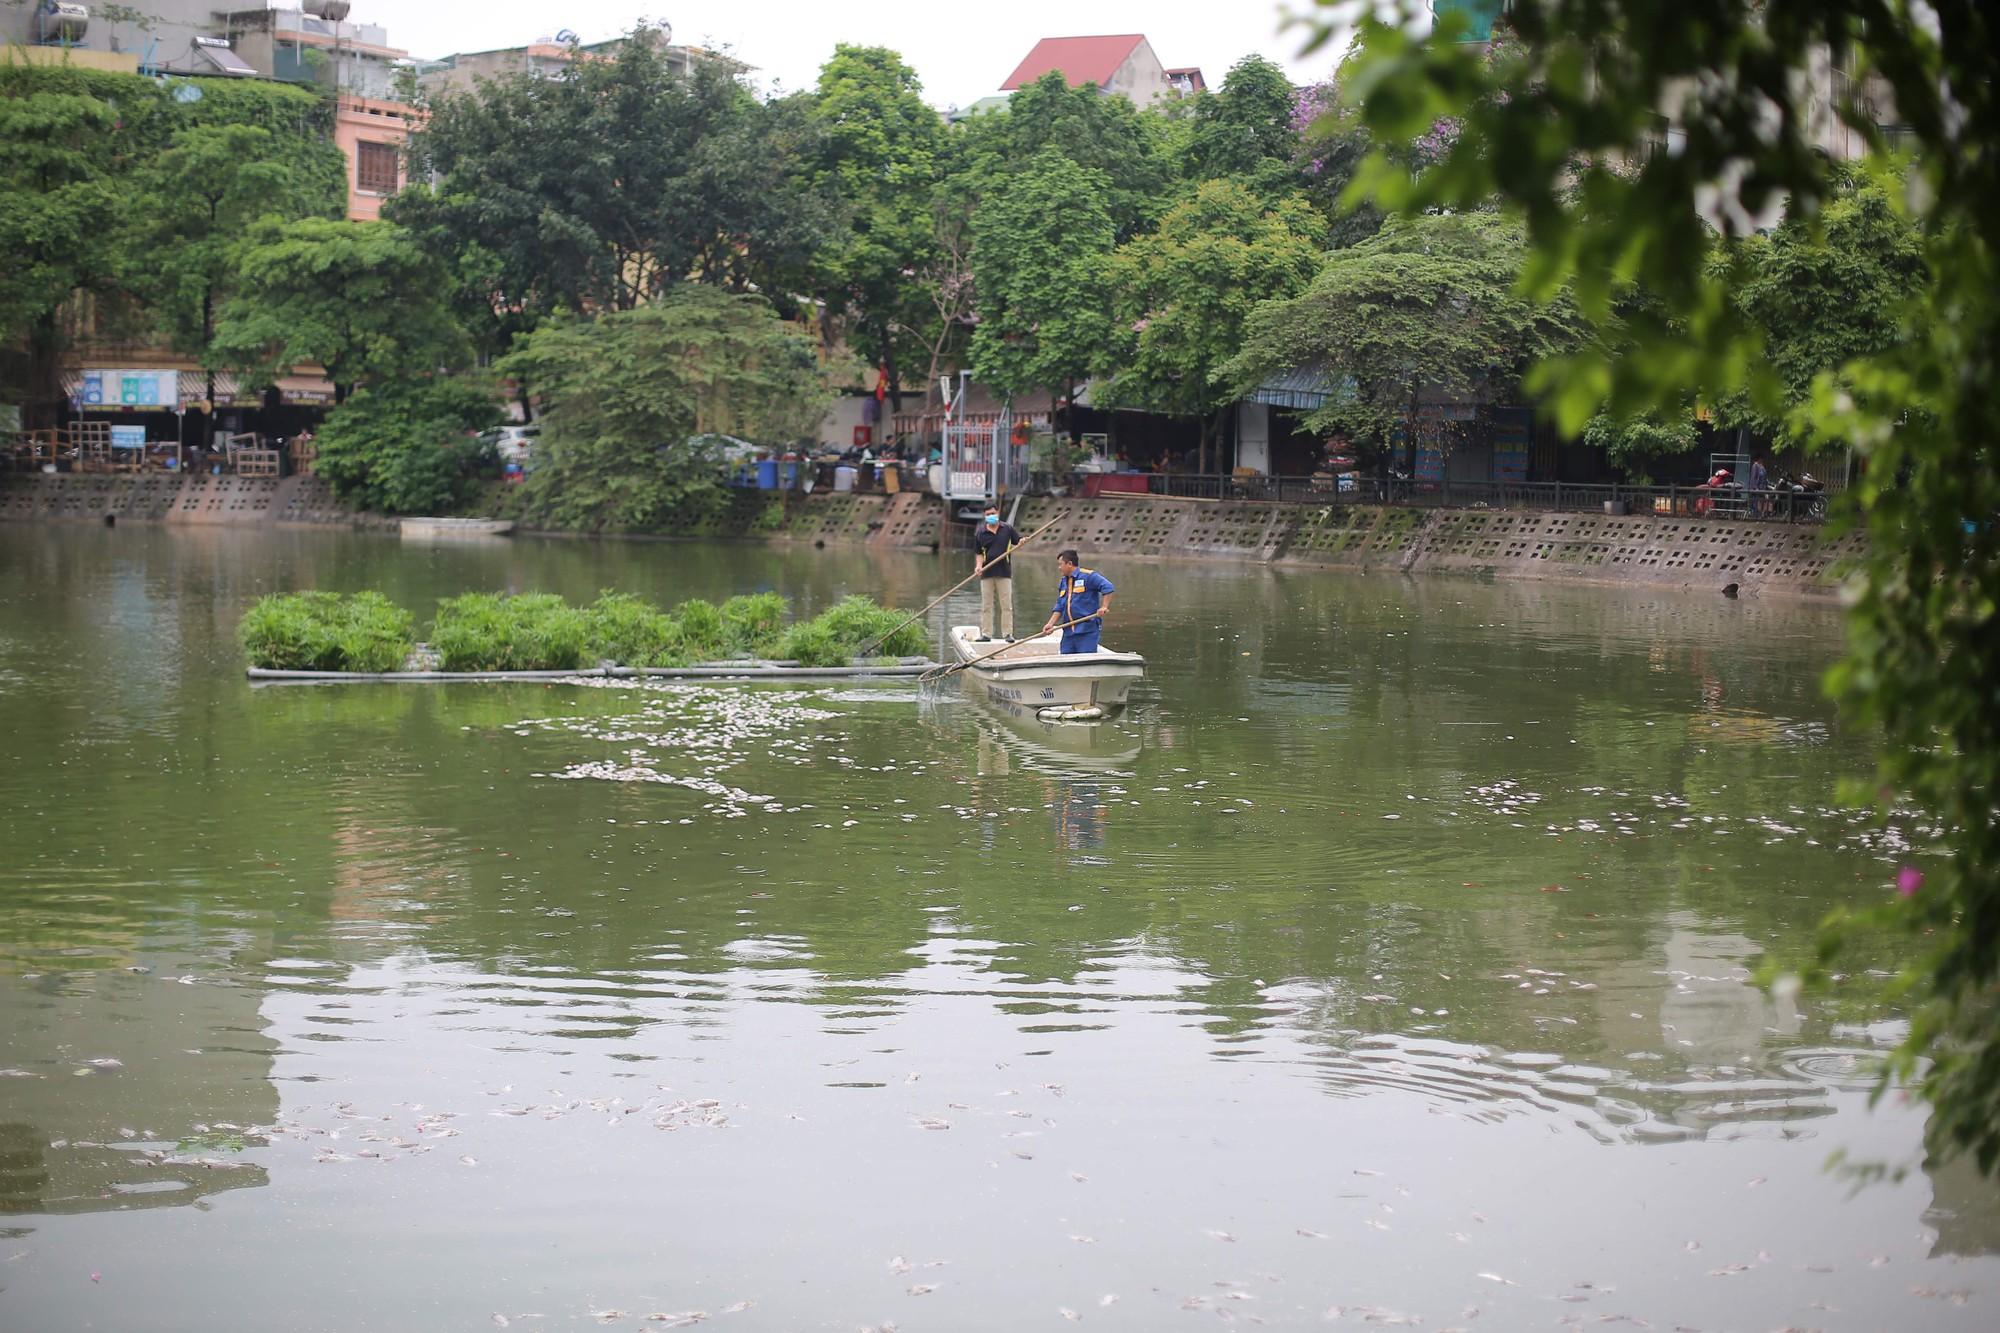 Hà Nội: Cá chết ở hồ Văn Chương khiến cư dân quanh hồ không dám thở - Ảnh 1.